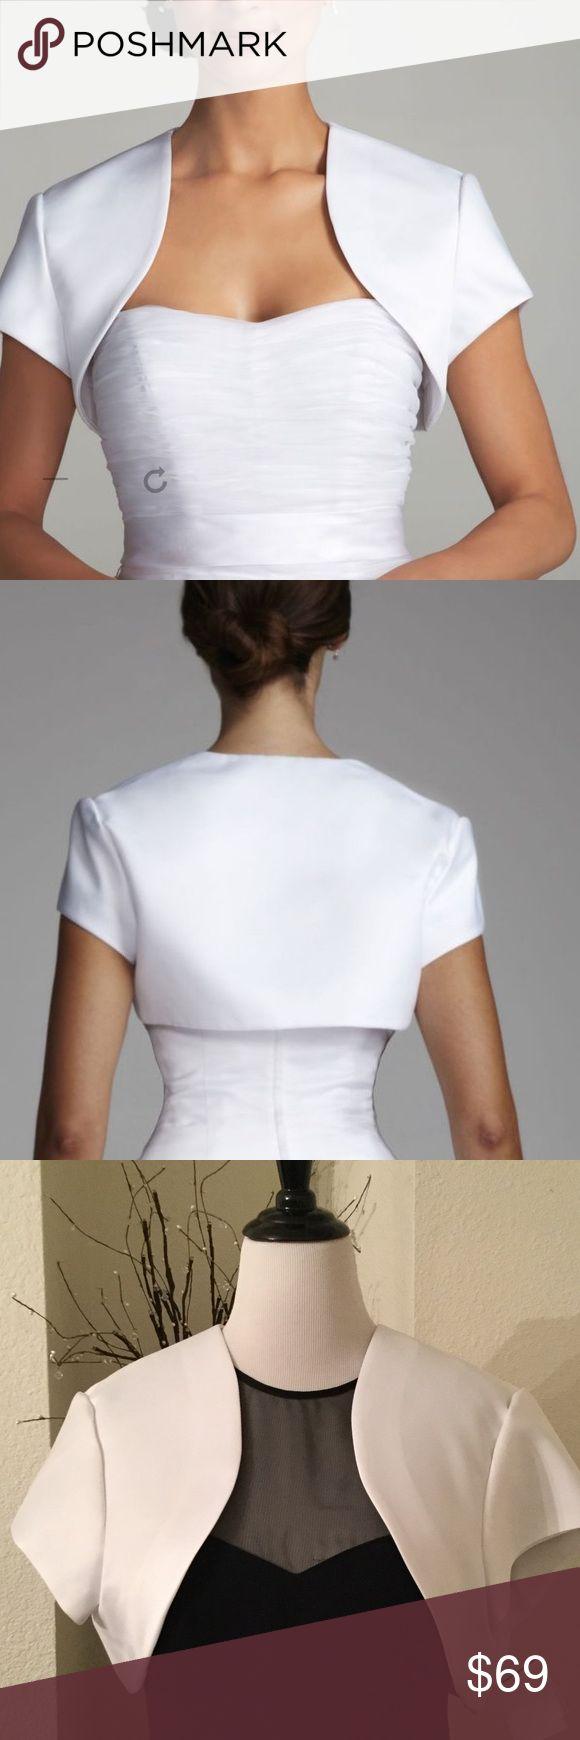 NWT: Satin Bolero Jacket Beautiful satin fully lined bolero jacket David's Bridal Jackets & Coats